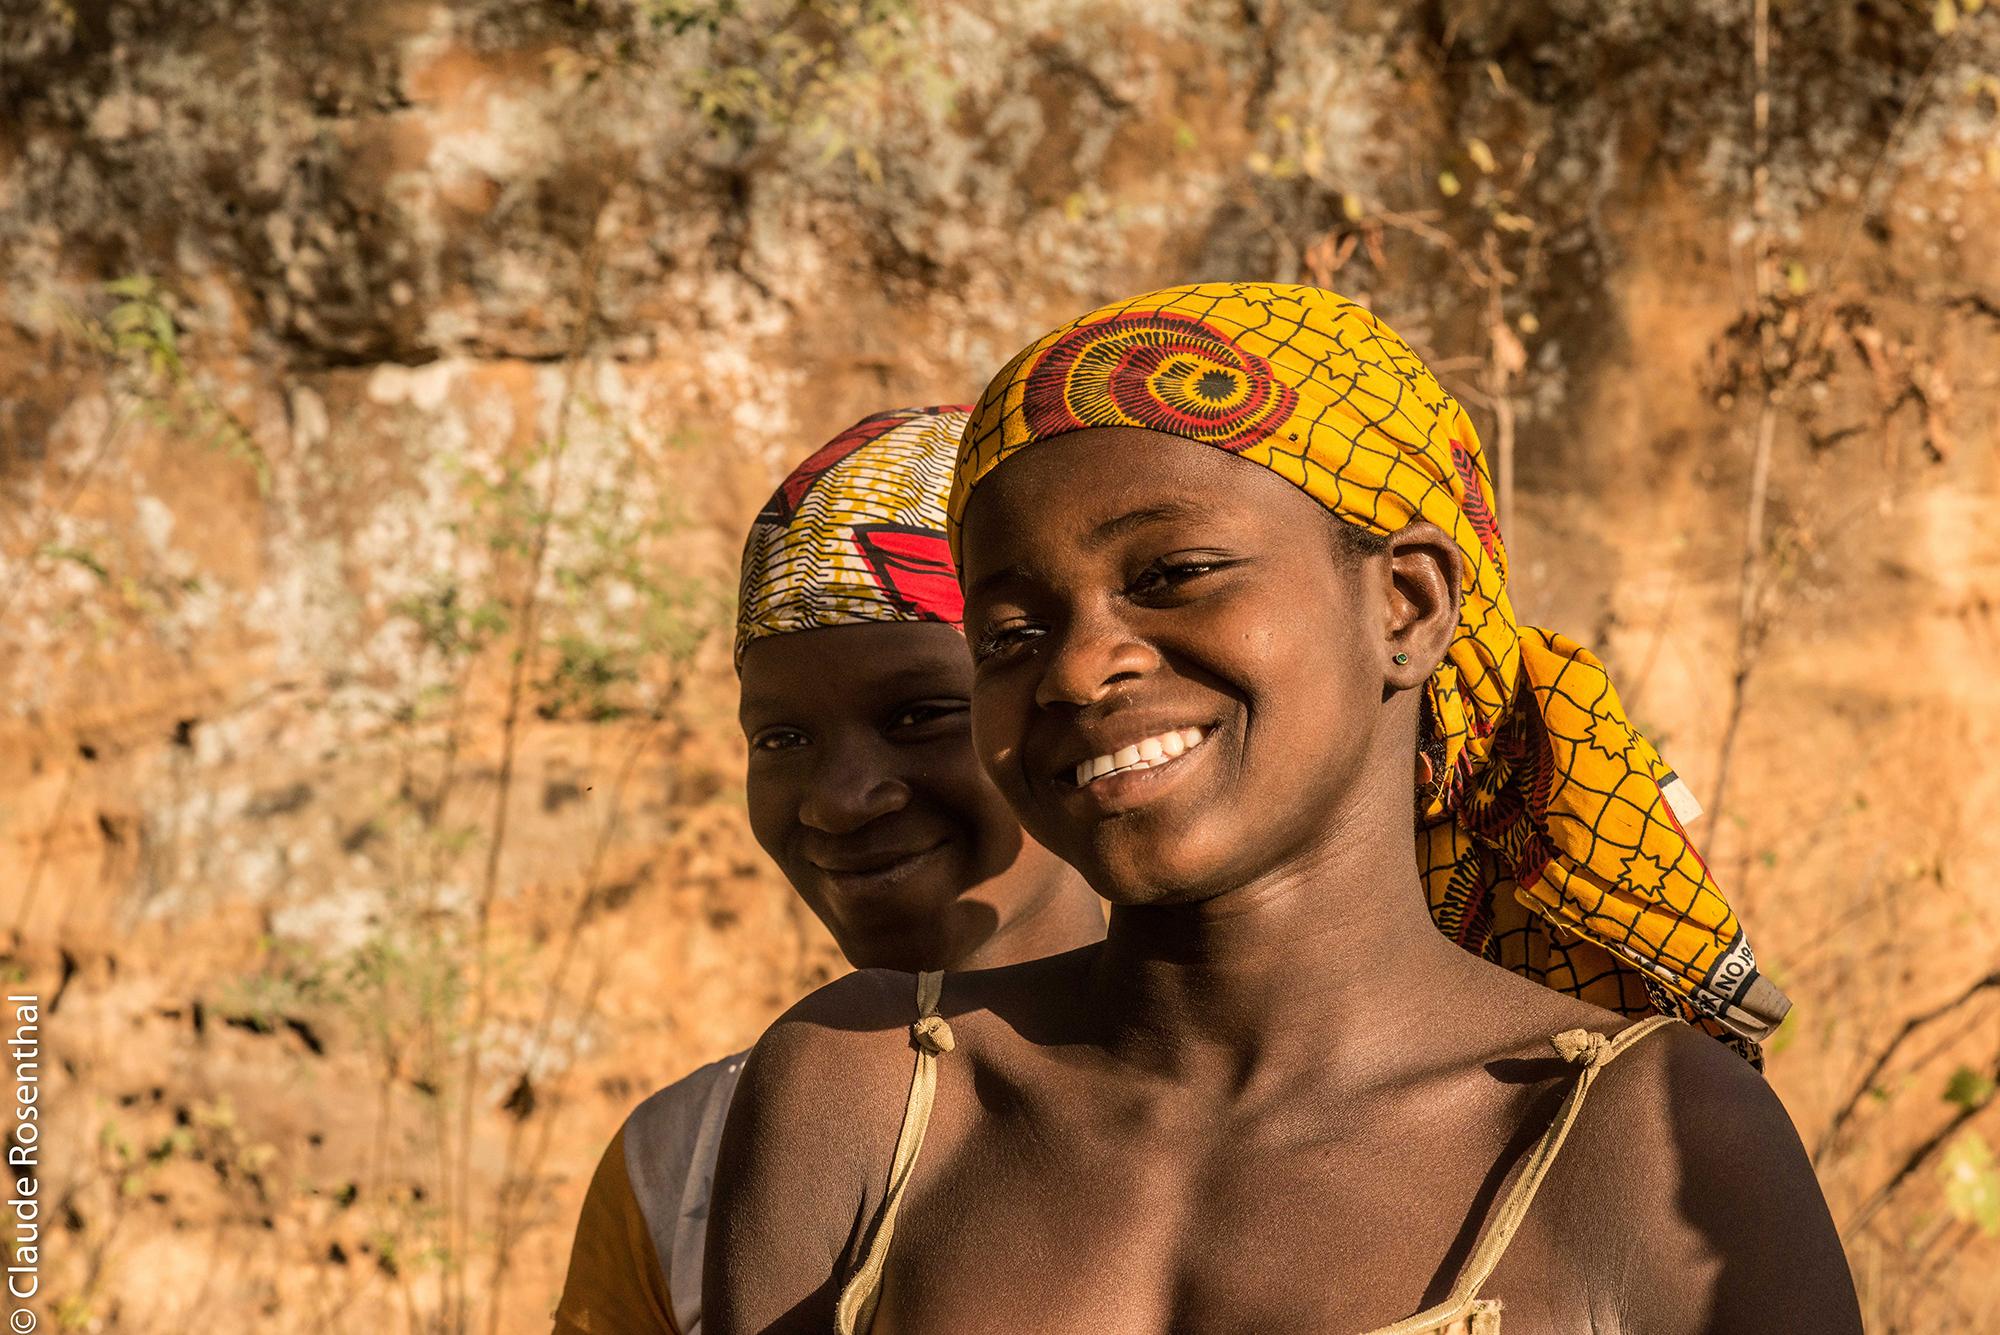 Mission exploratoire au Mali – Janvier 2018